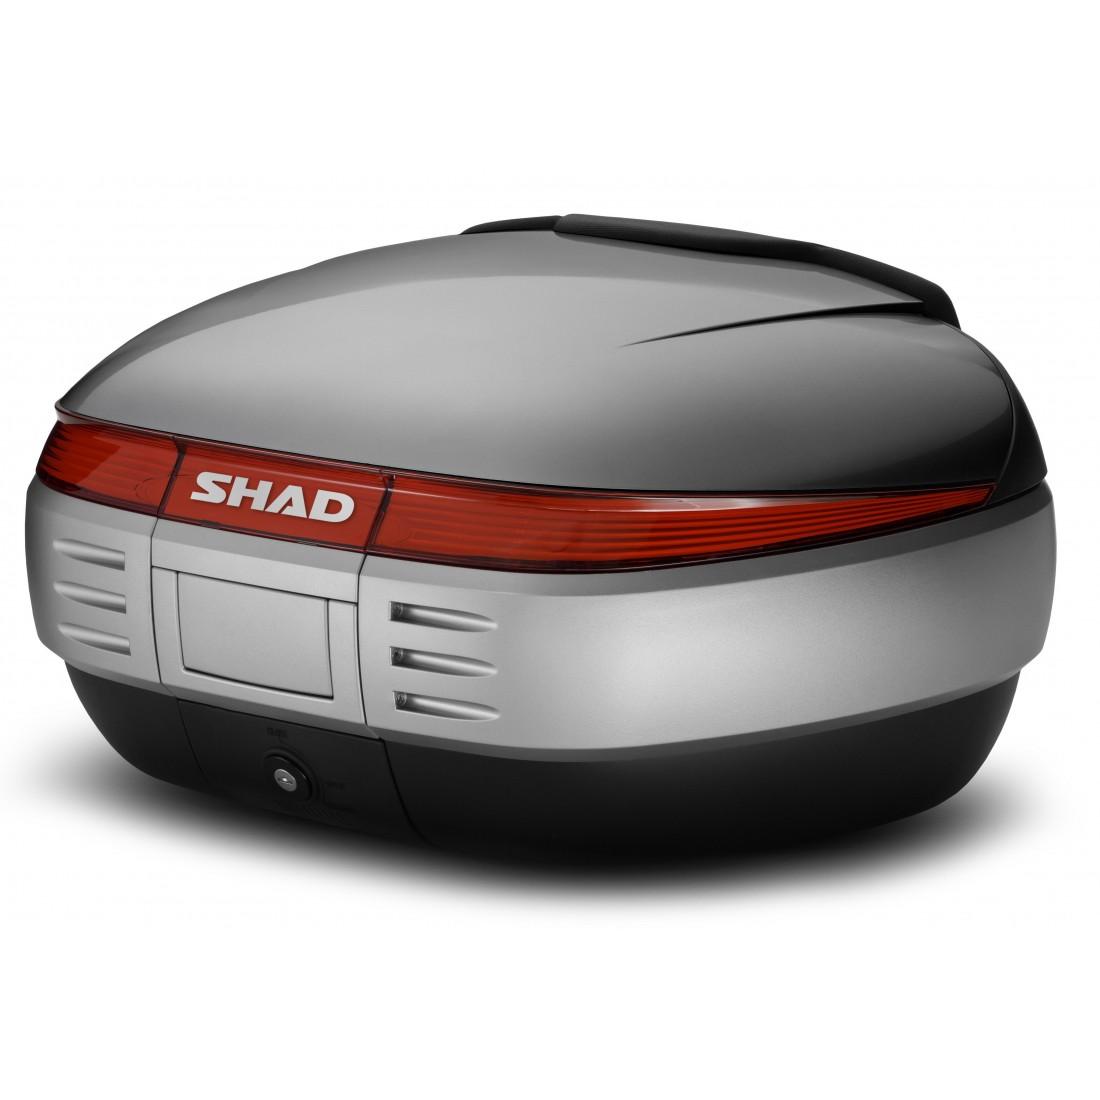 Tapa Baúl Shad SH50 50lt Plata